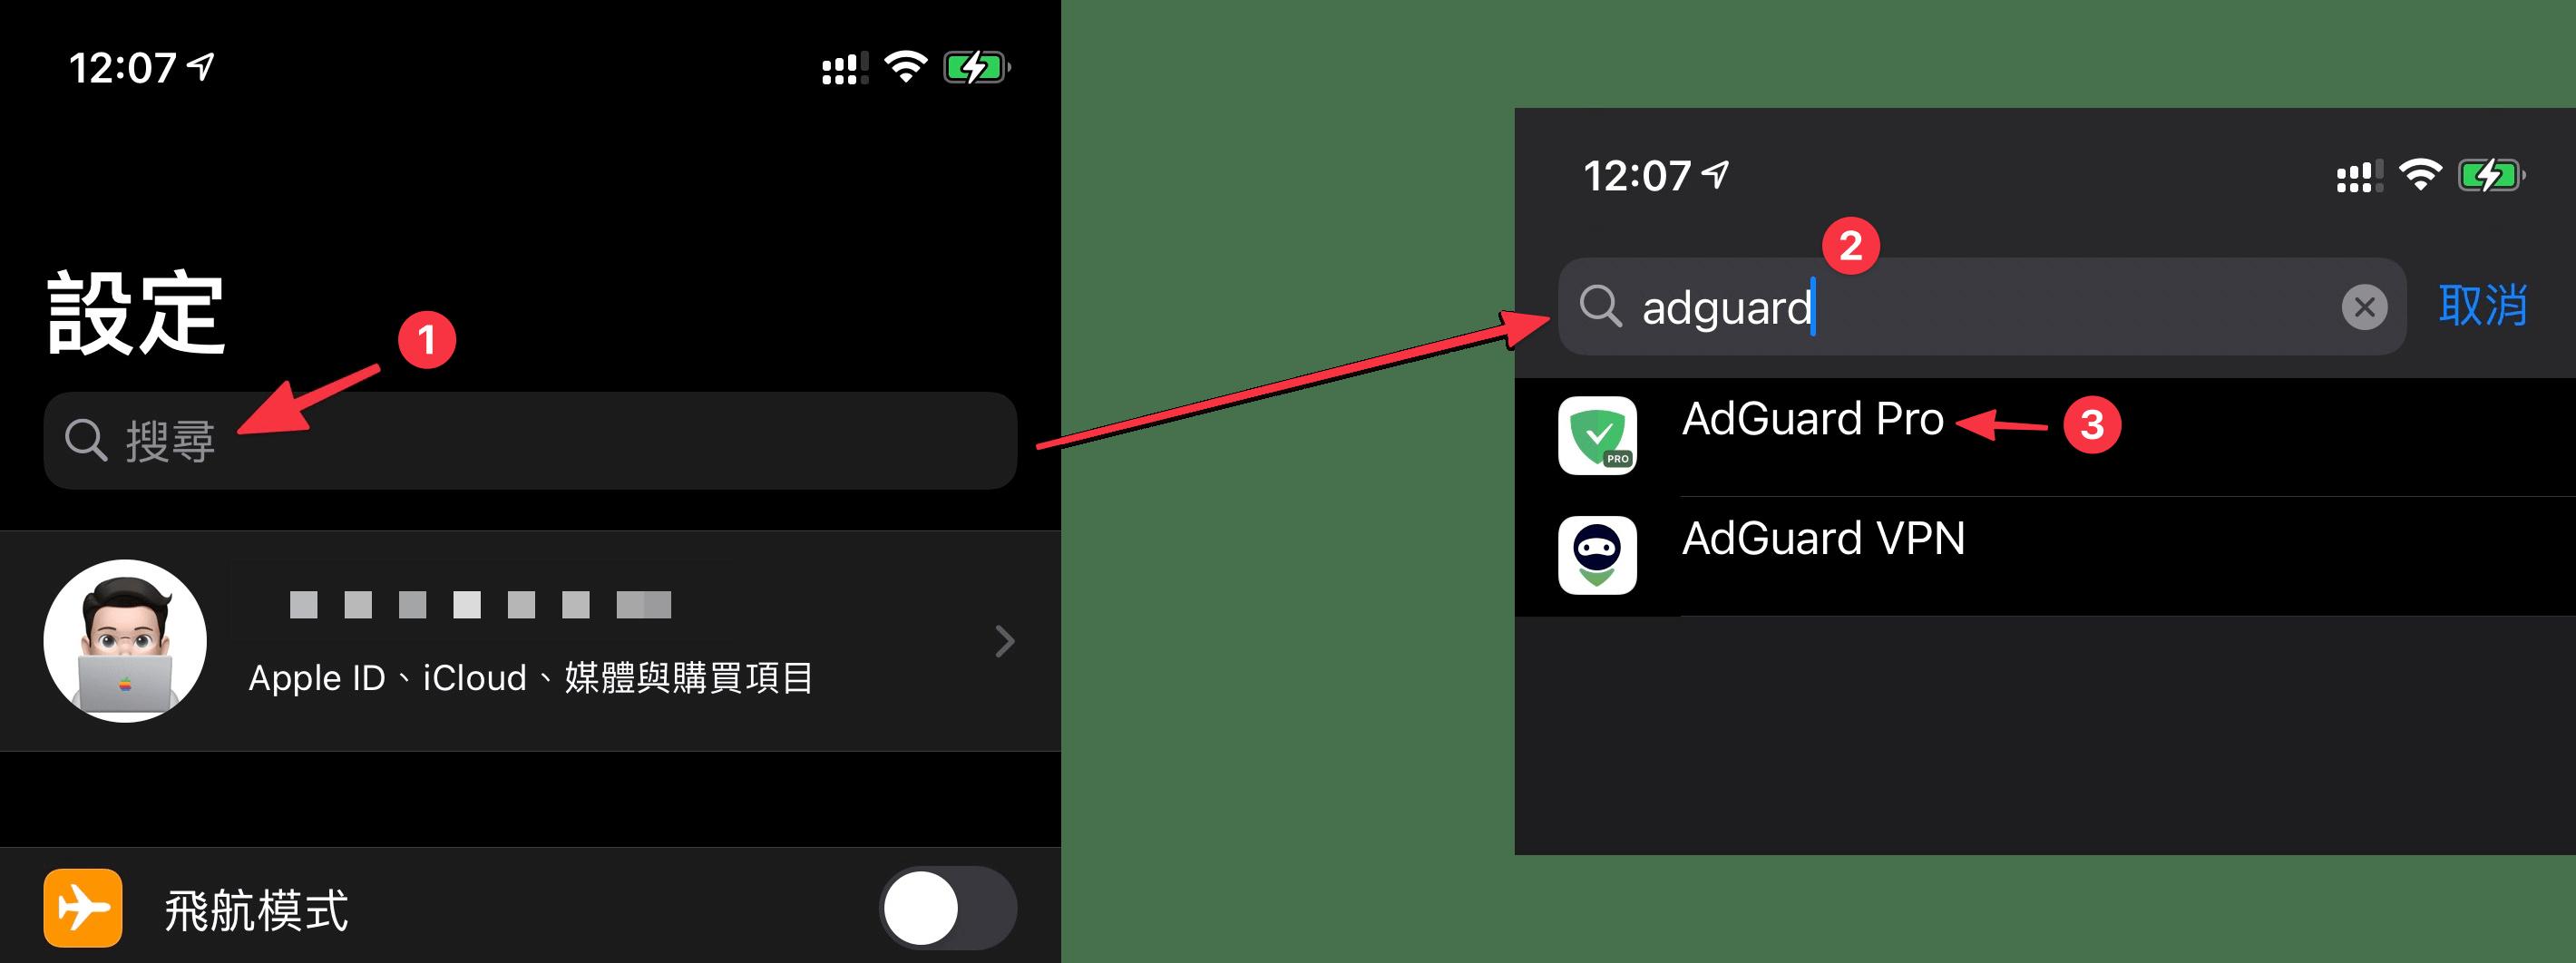 修改 iOS / iPadOS / macOS 指定 App 的语言